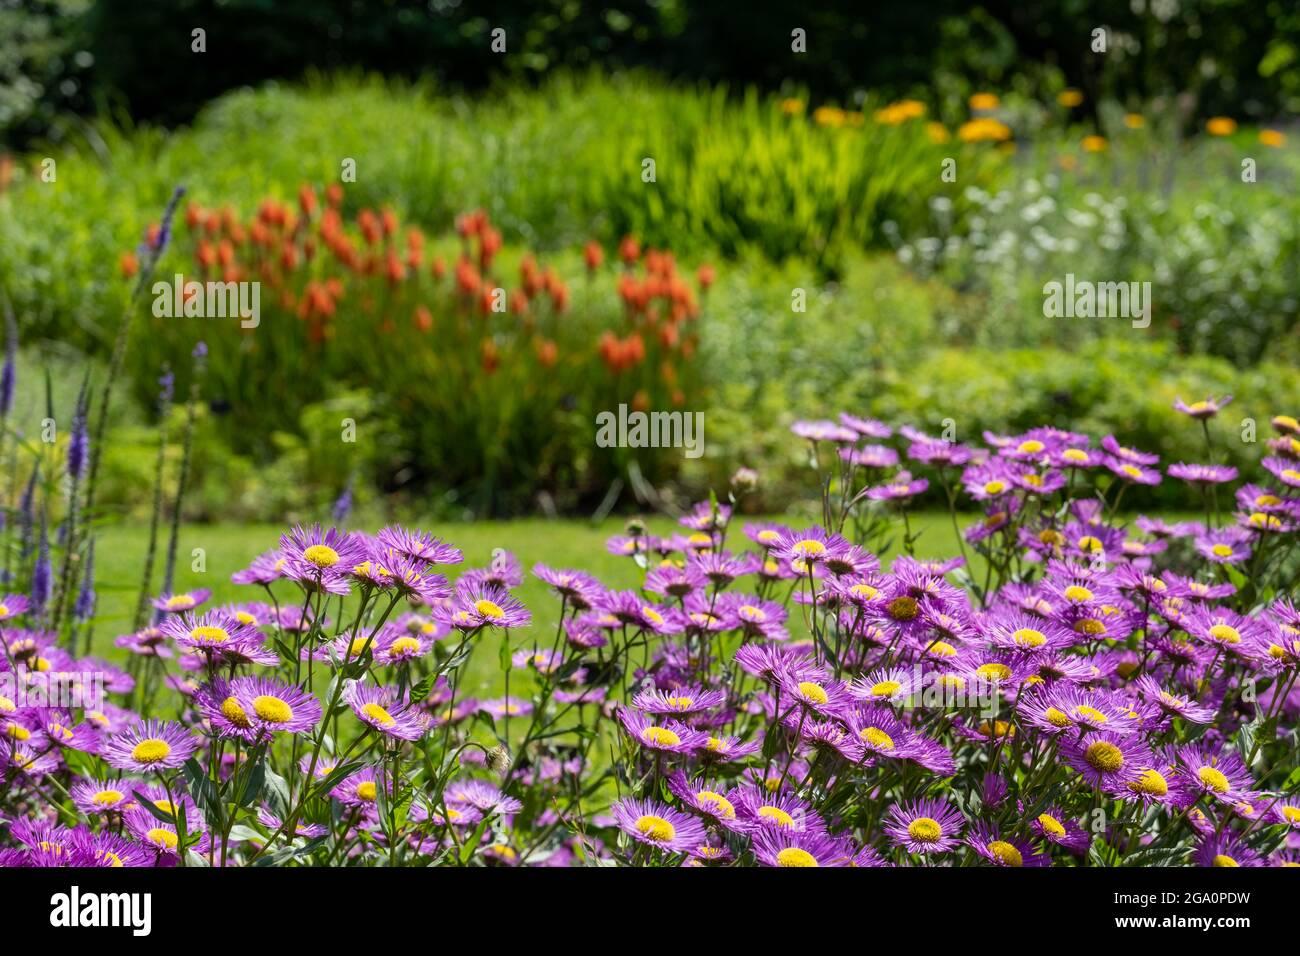 Bressingham Gardens près de DISS dans Norfolk. Jardin coloré planté dans le style naturaliste avec des dérive de couleur, des couches et des textures. Banque D'Images